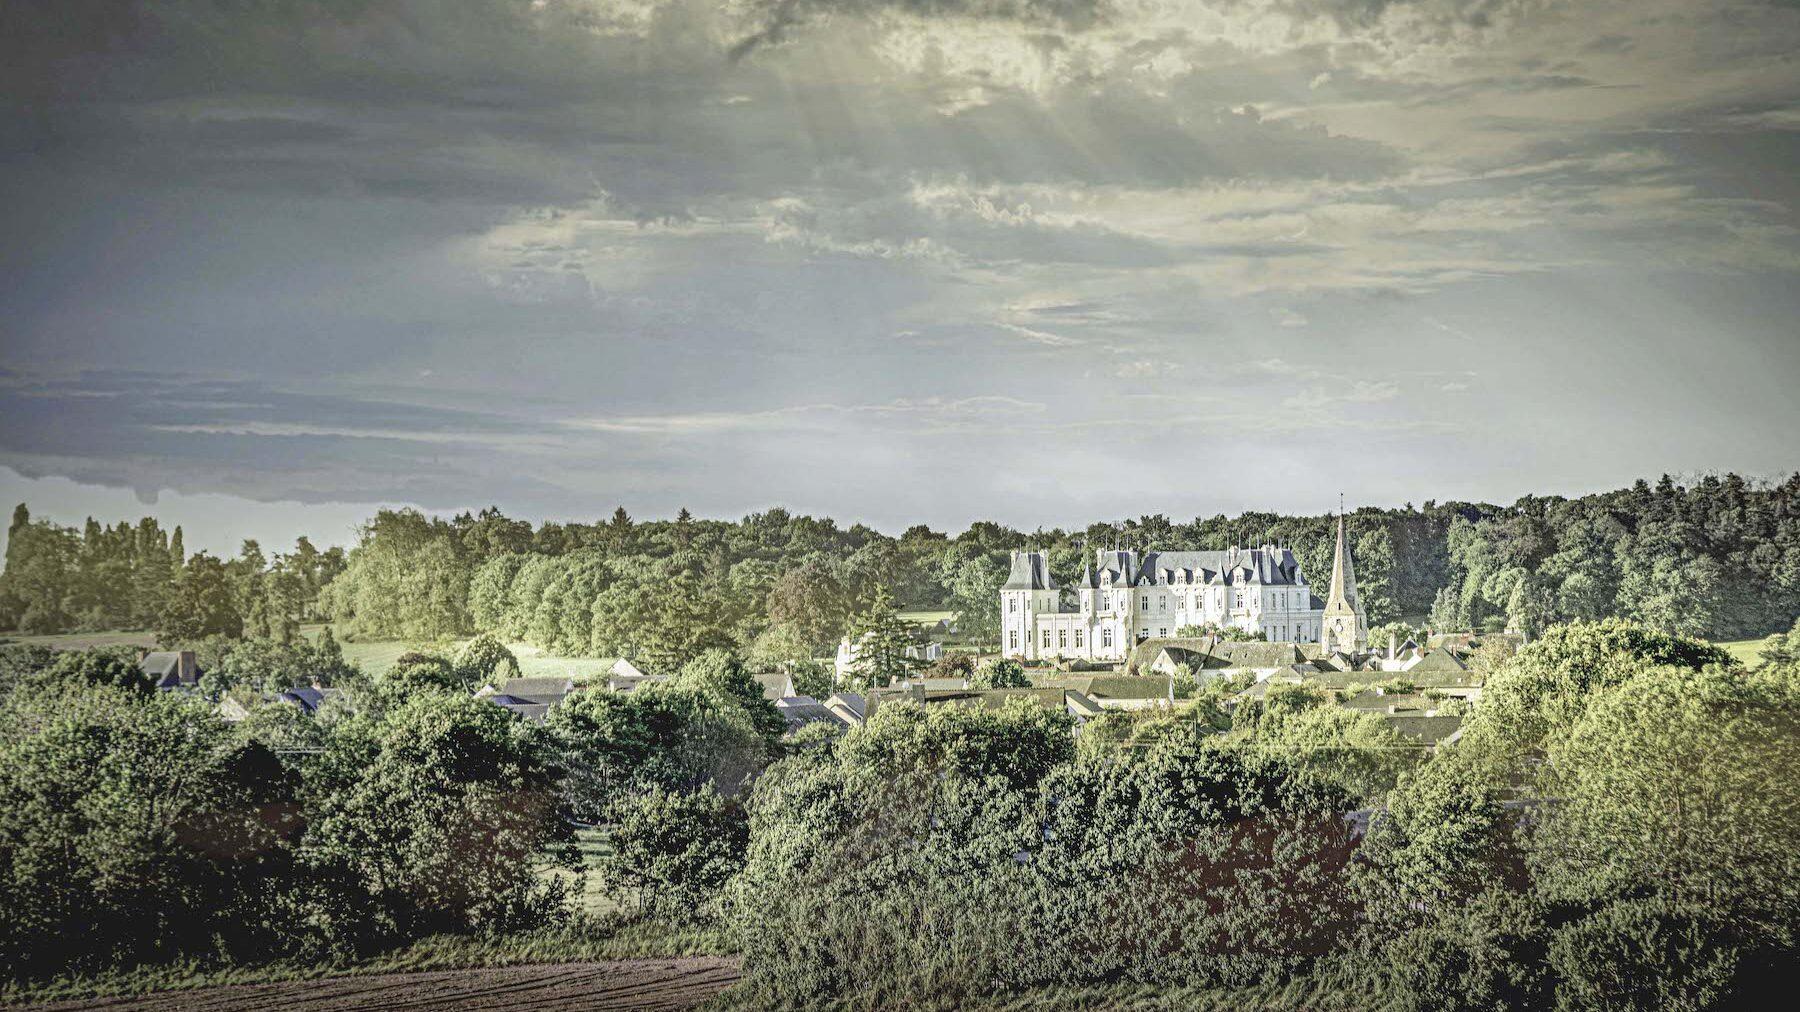 Chateau de Falloux, France </br>(Auction July 15)